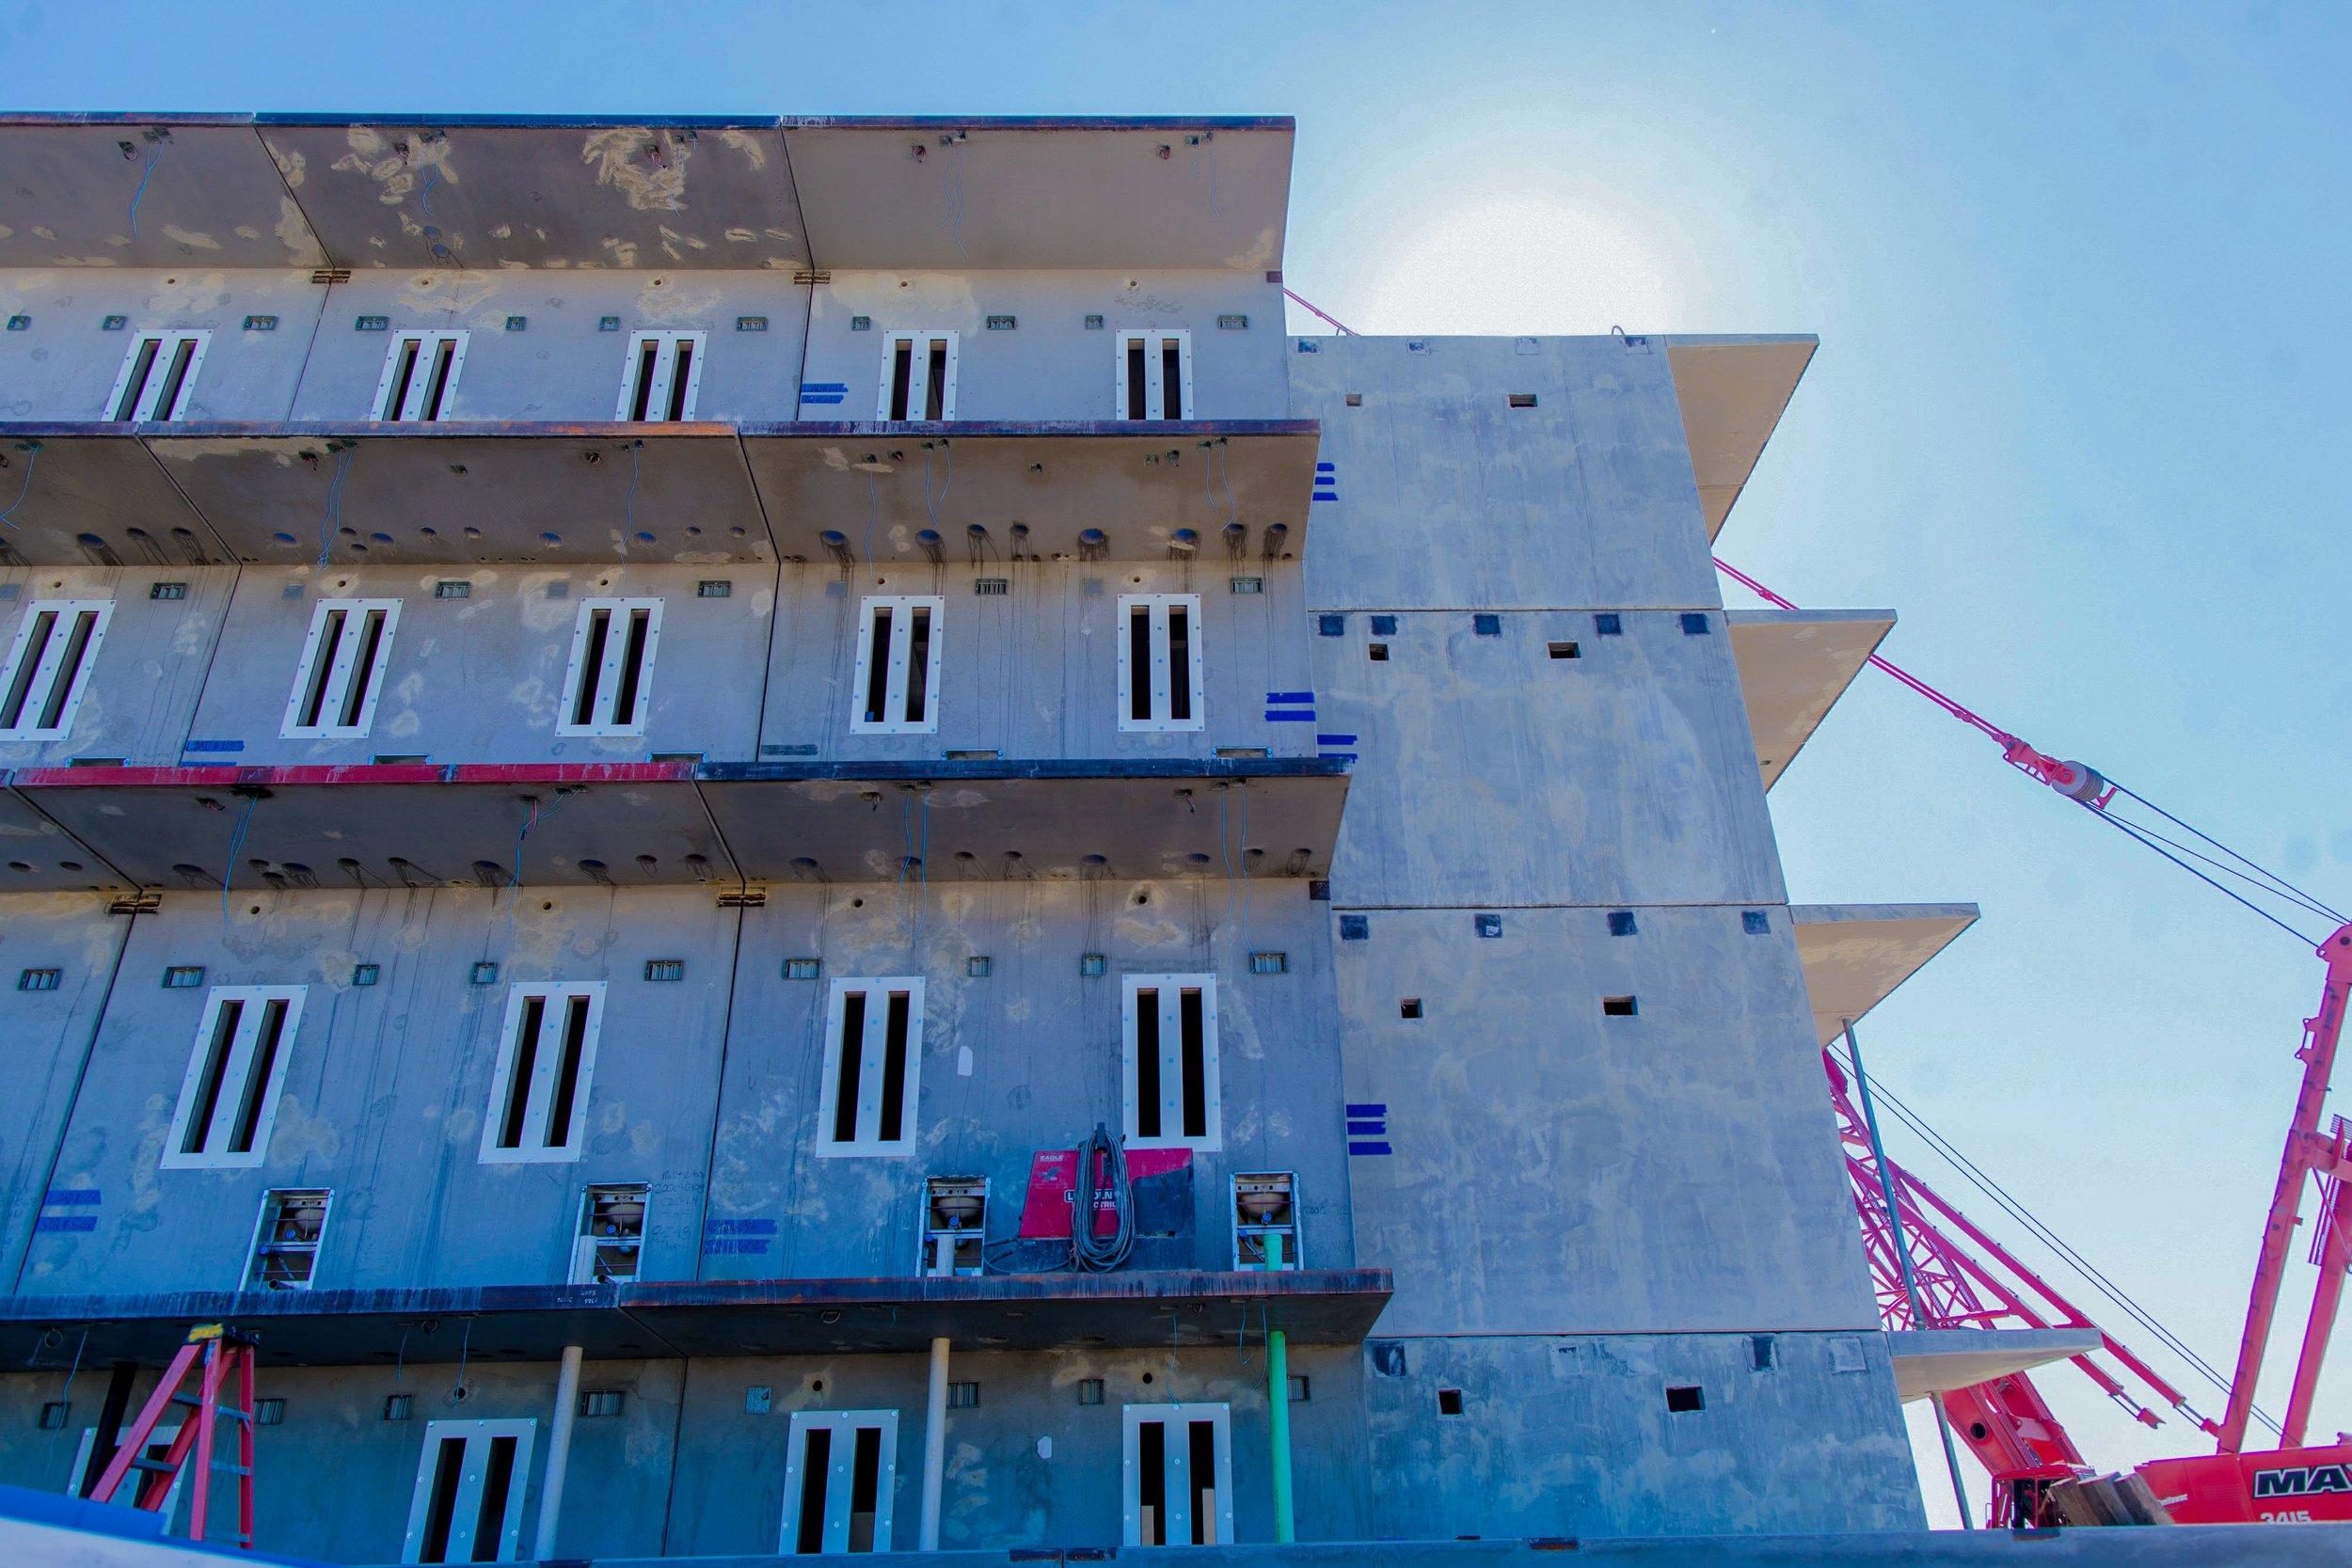 BethlehemConstructionpart2141-min.jpg